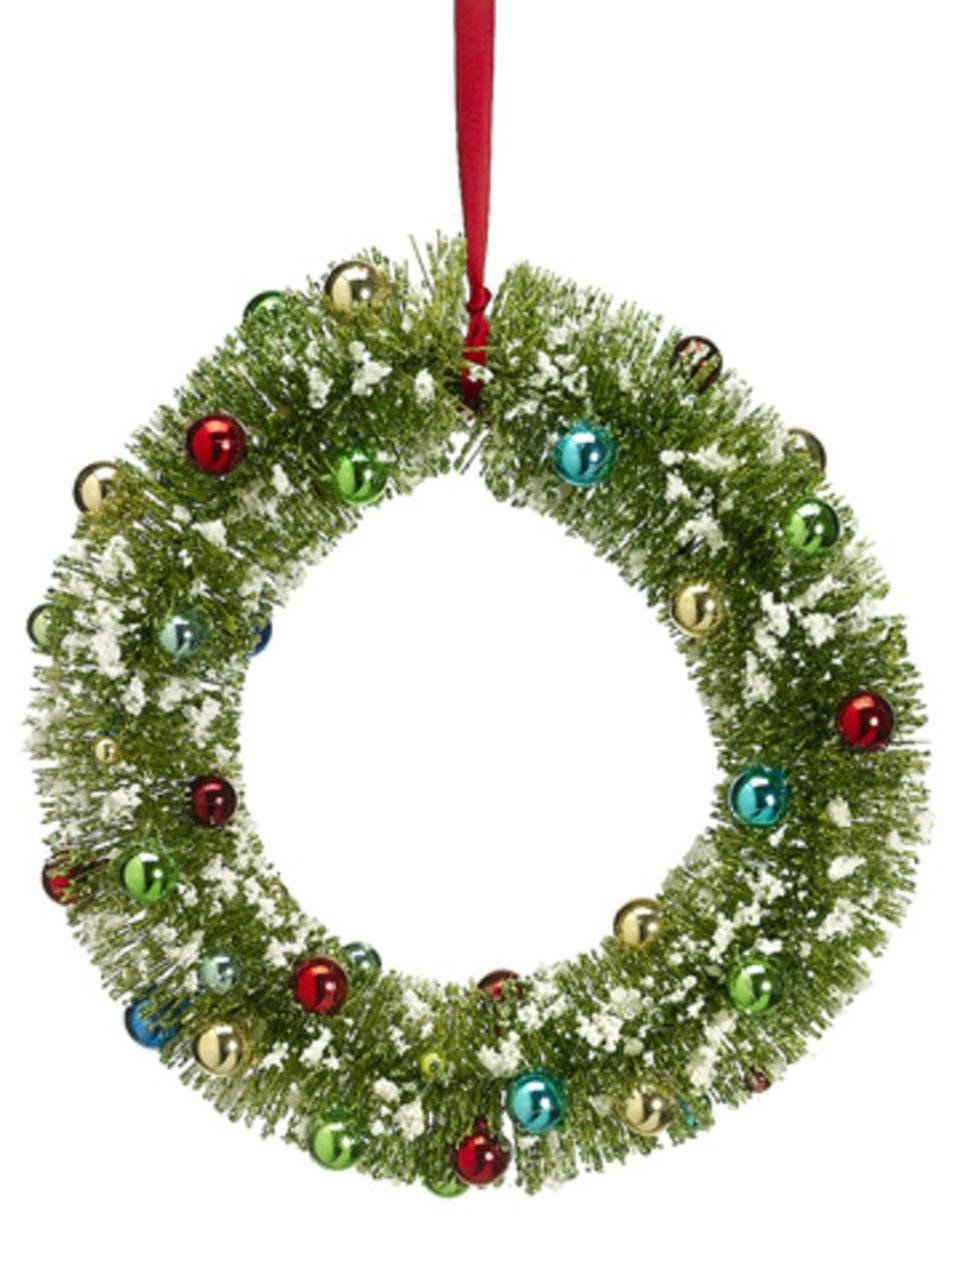 """12"""" Pre-Decorated Flocked Glitter Bottle Brush Christmas Wreath - Unlit"""